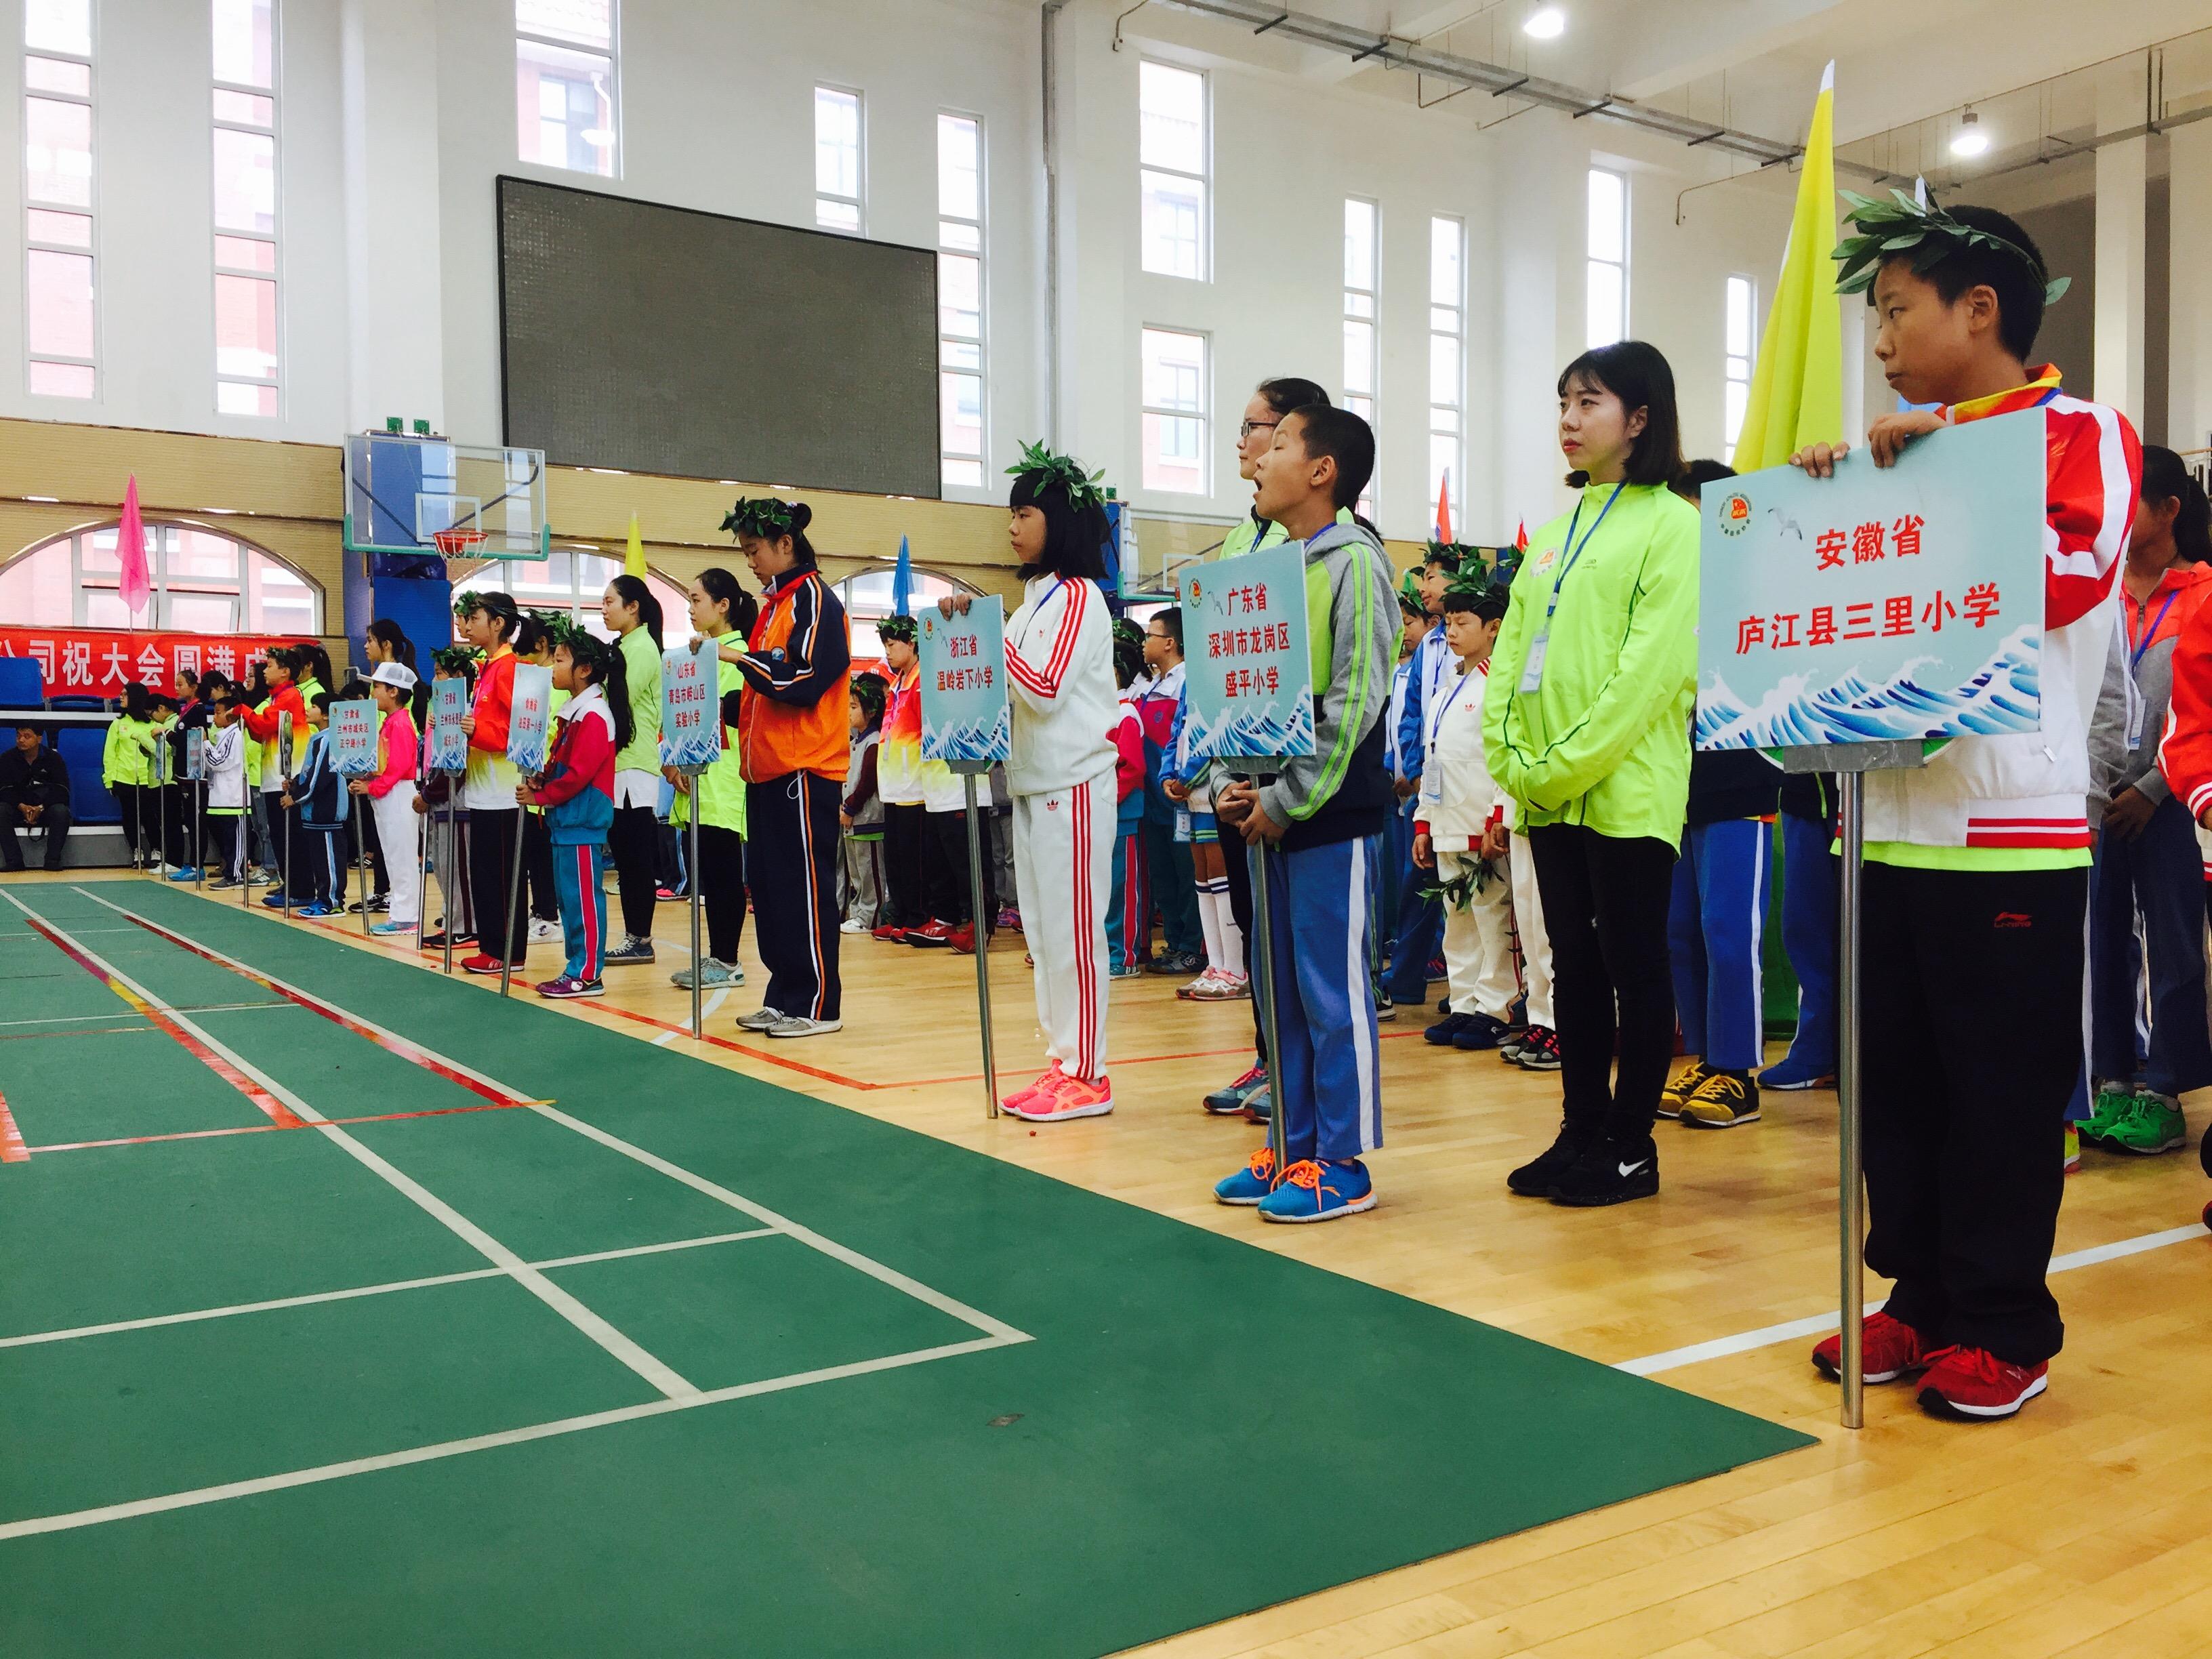 全国少儿趣味田径比赛在青岛举行 多省学生激